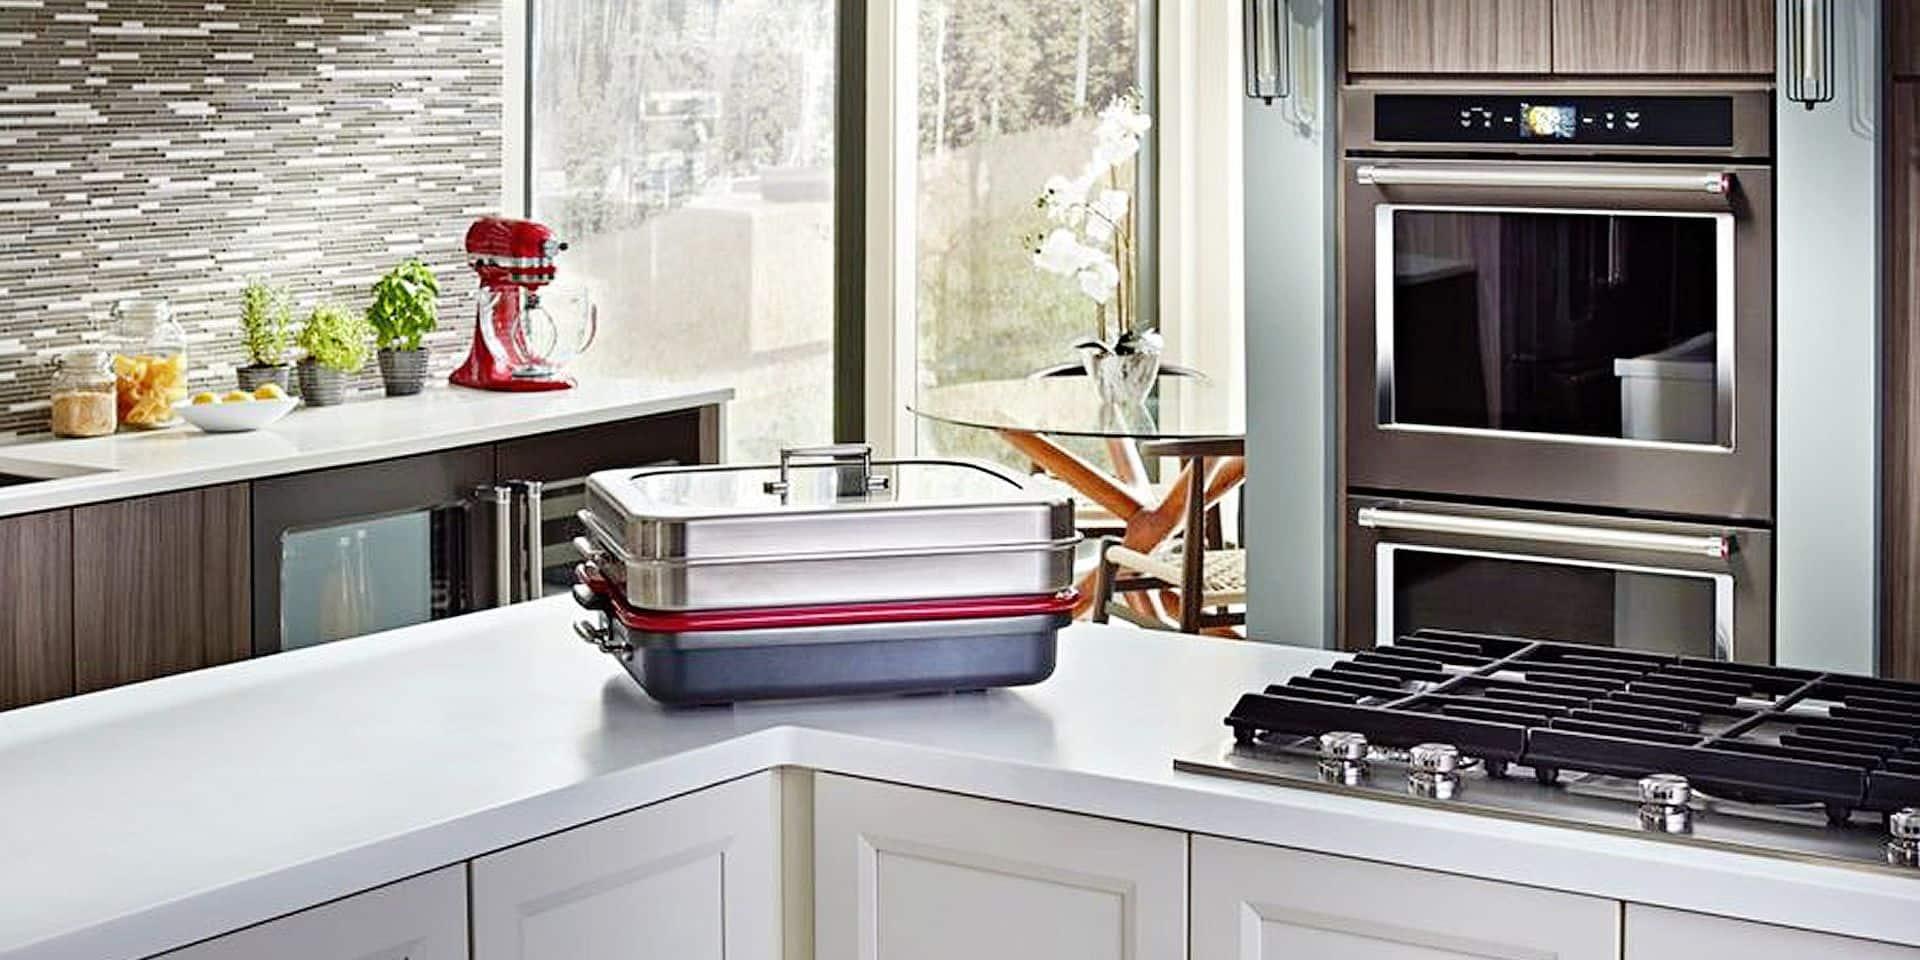 Les fours connectés débarquent dans votre cuisine: quatre plats à la fois et une cuisson vapeur